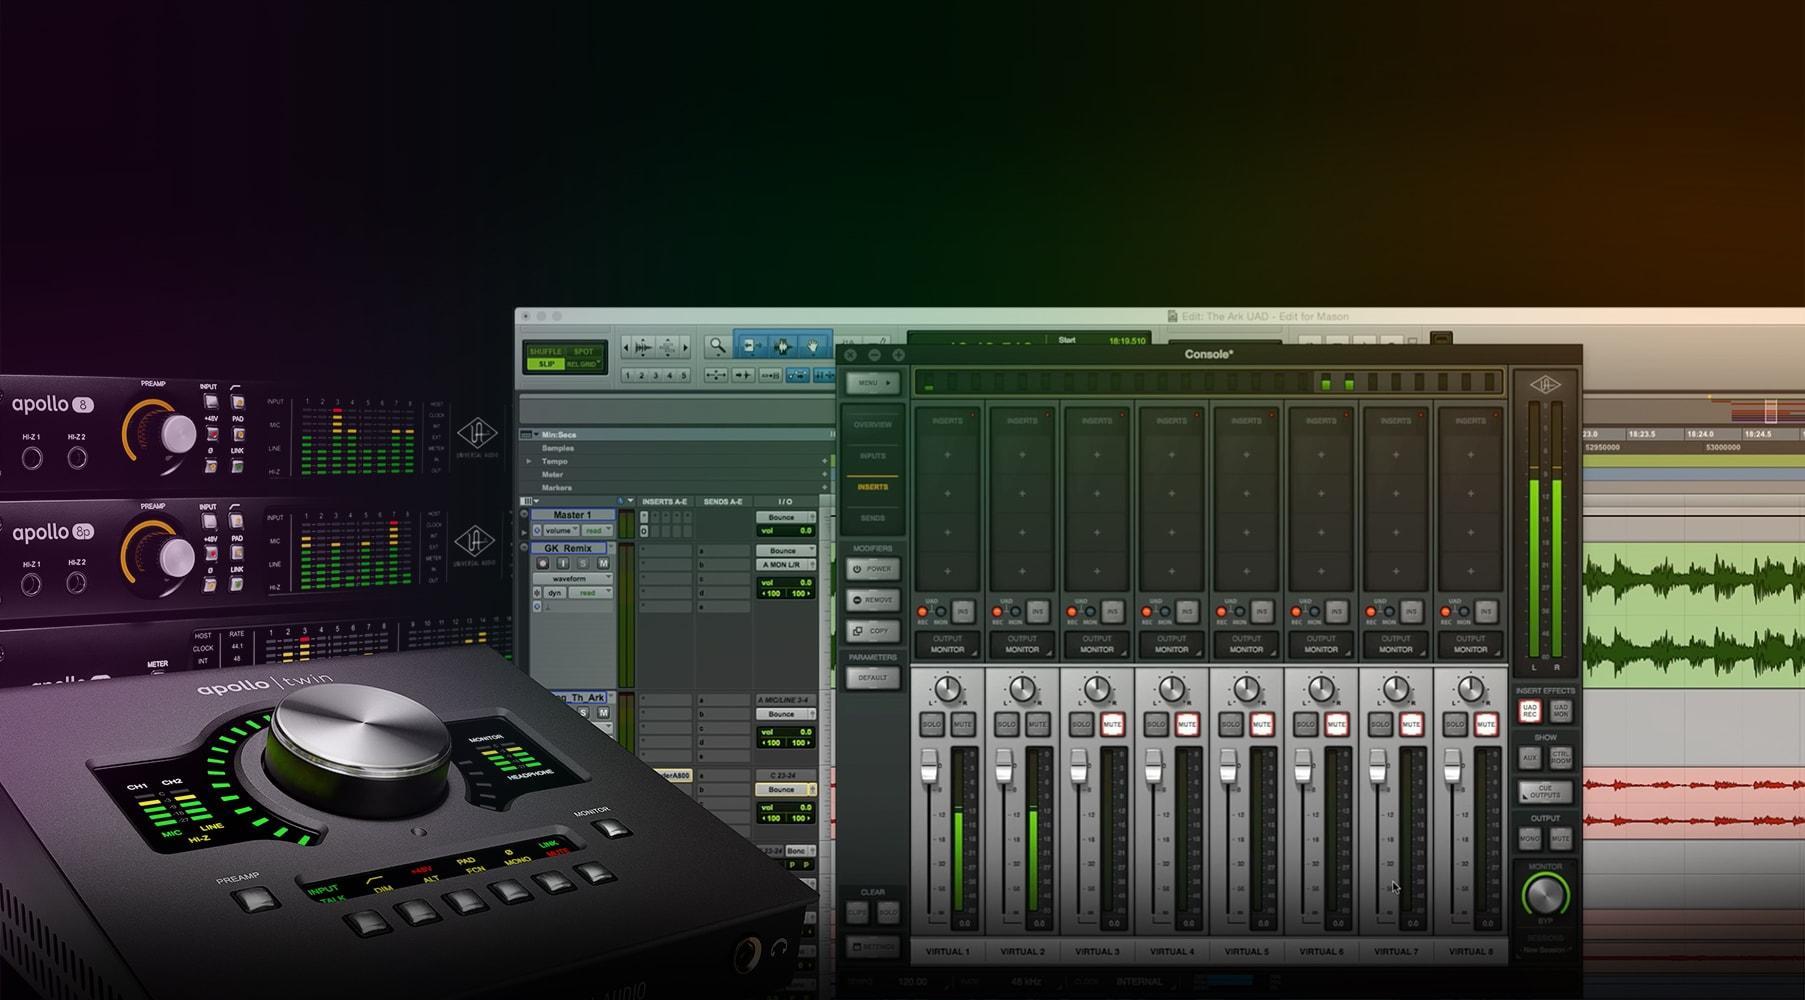 Setting Up Apollo Interfaces w/ Pro Tools